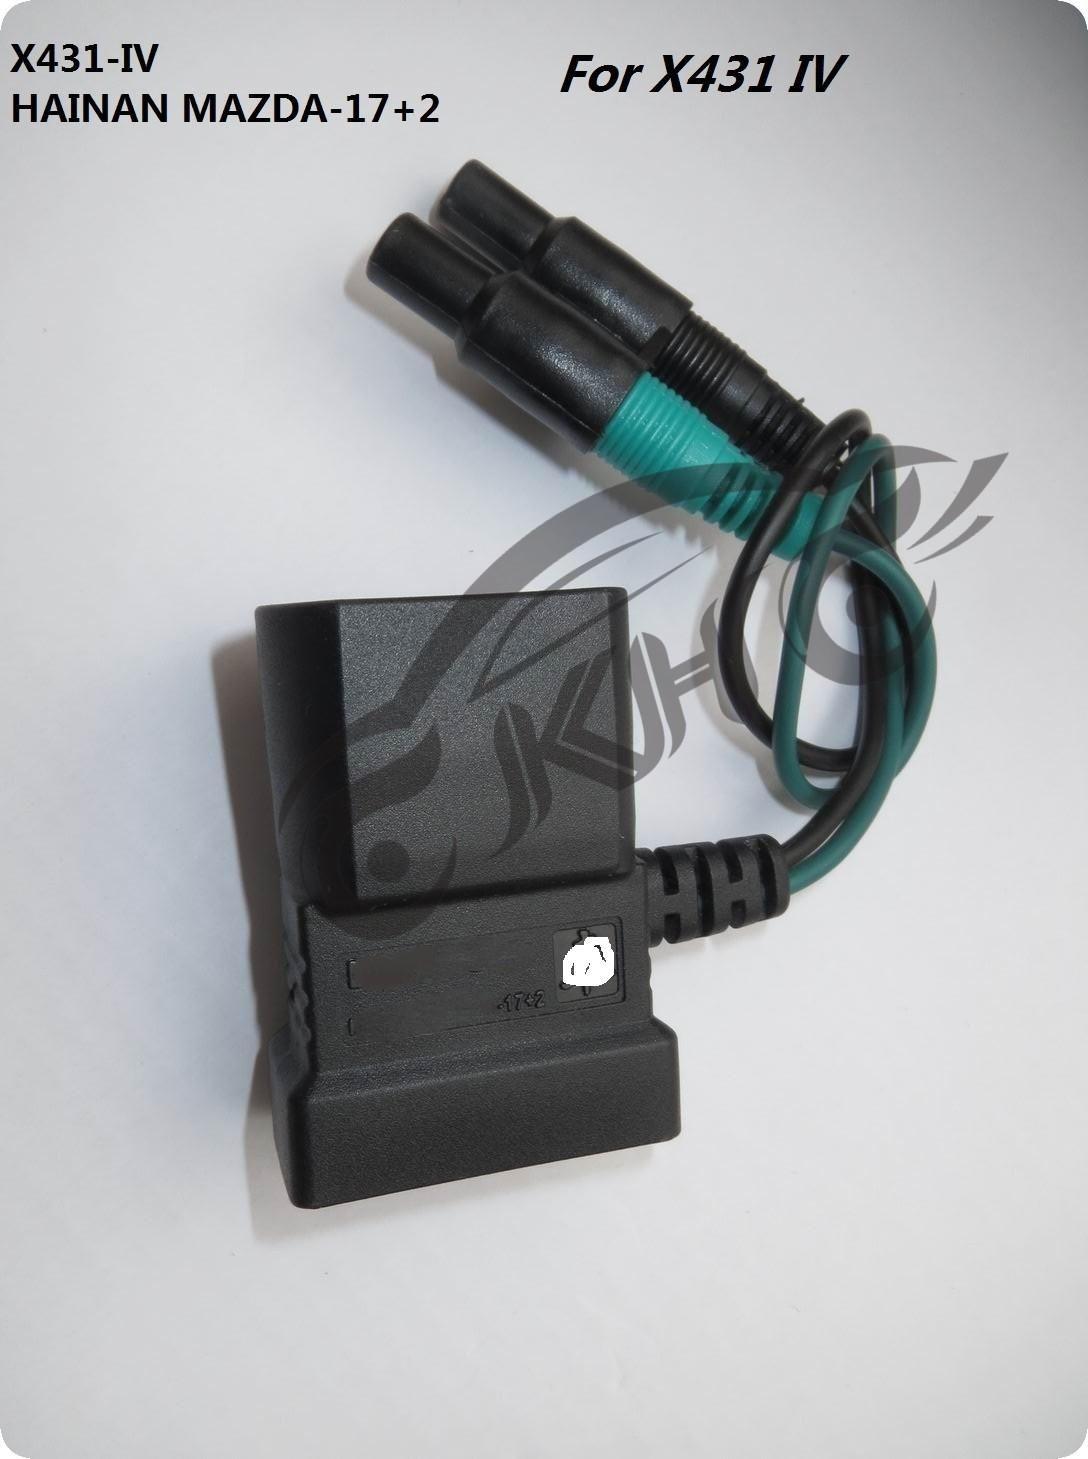 الأصل لإطلاق X431 لهيماء -17 2 دبابيس محول رابعا -17 2 دبوس OBD-II موصل اتصال لمحول OBD2